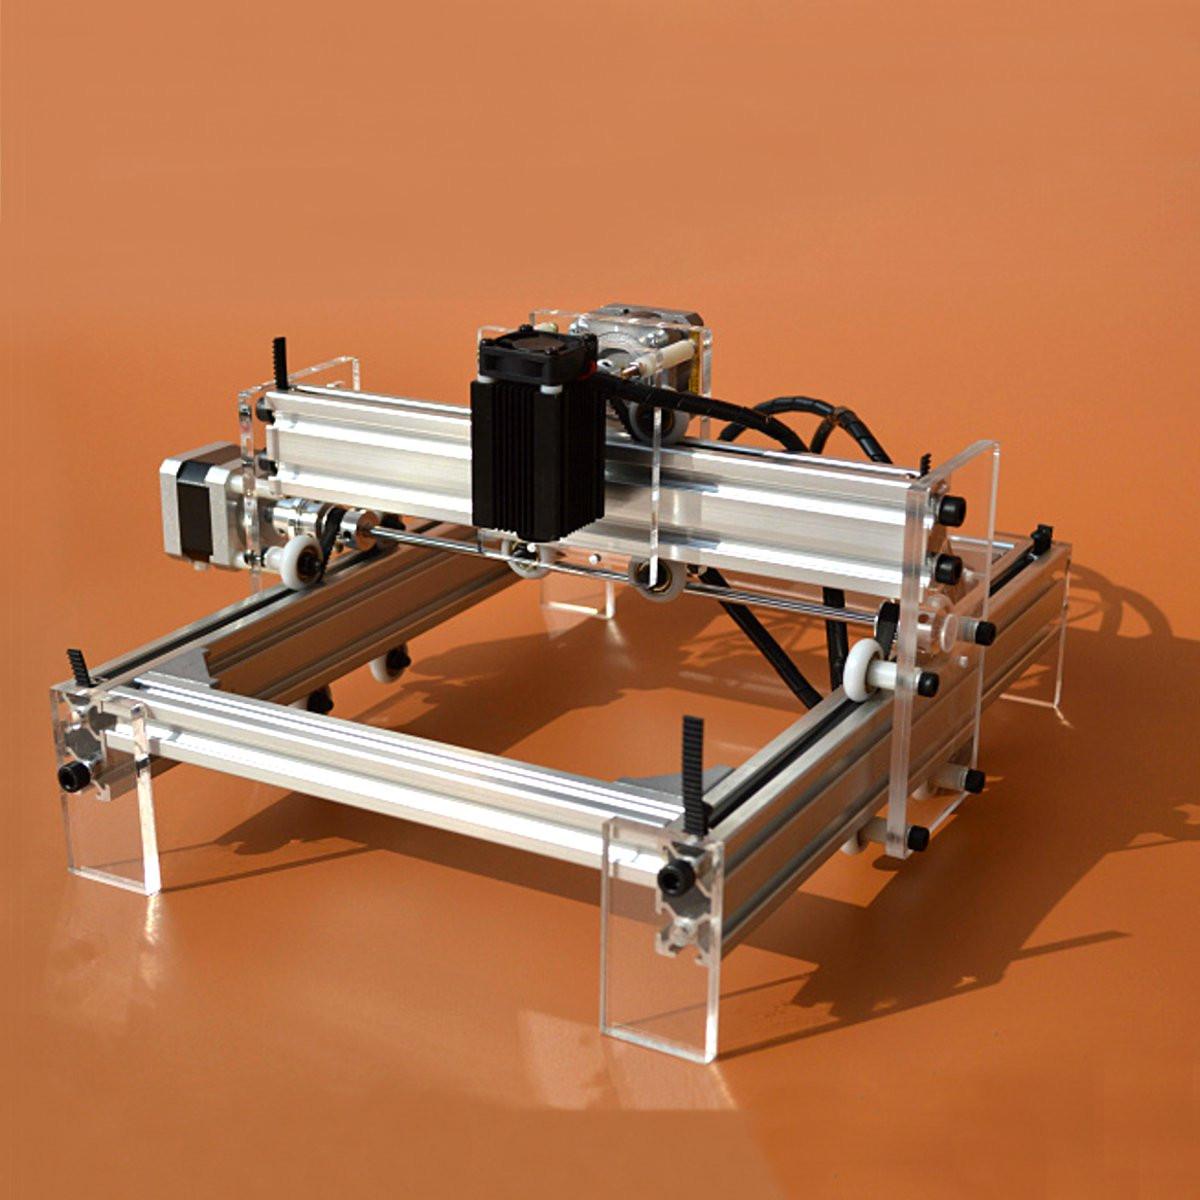 500MW Mini Laser Cutting Engraving Machine Printer Kit